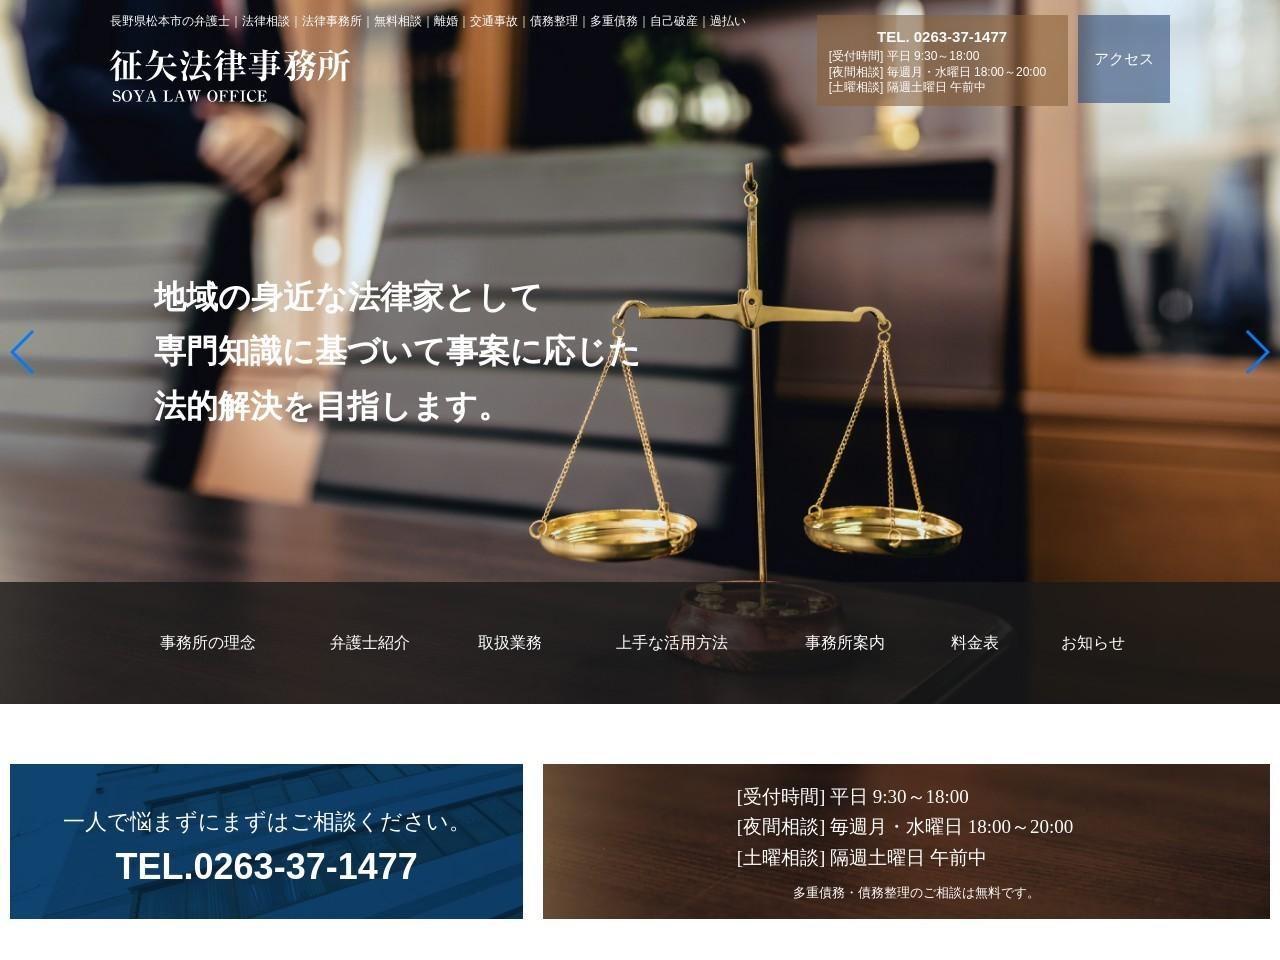 征矢法律事務所